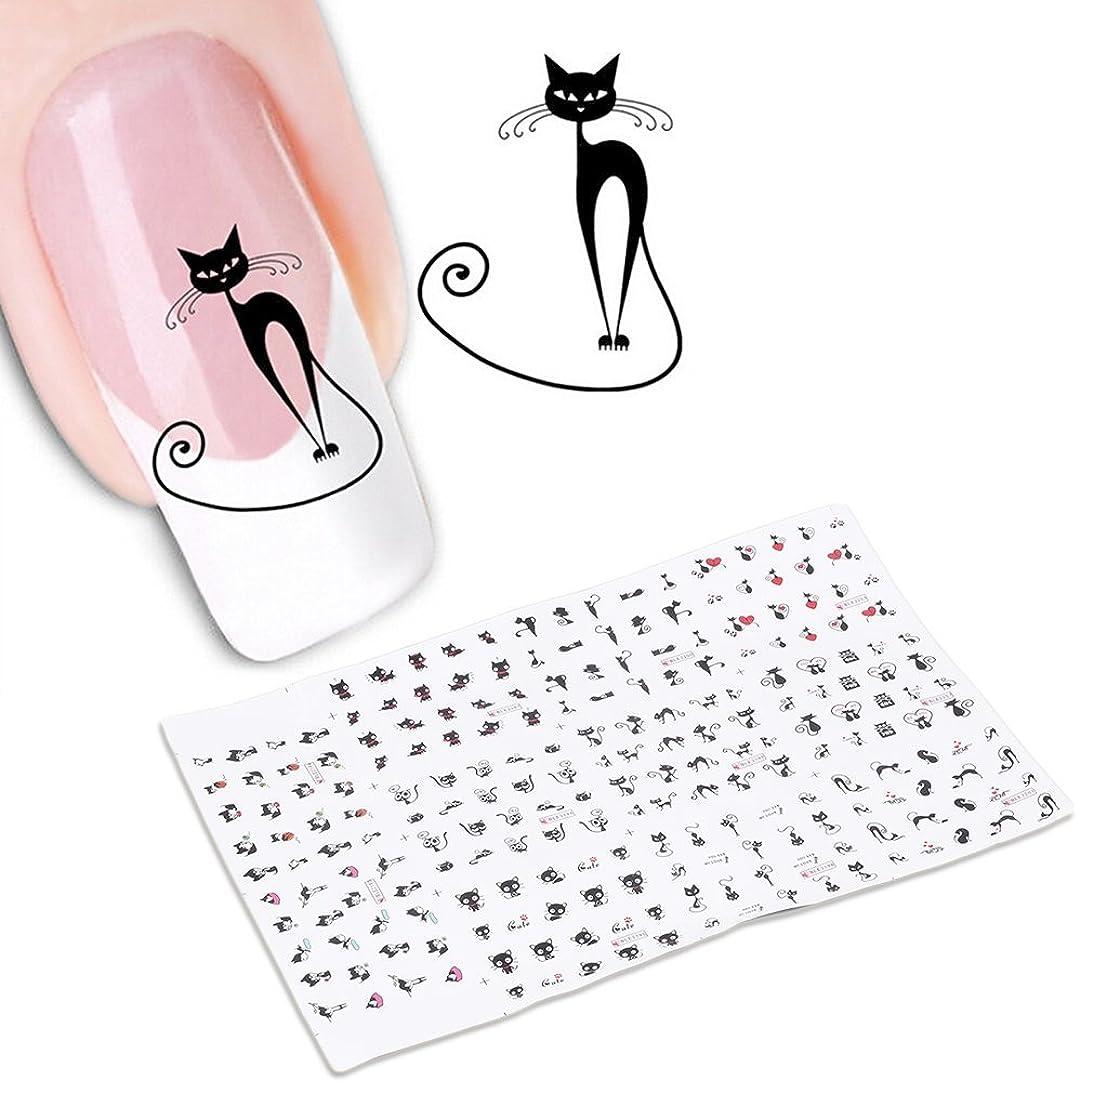 常にキリマンジャロ裕福な貼るだけでいい 3Dネイルシール ネイルシール ネイルステッカー デコレーション ナイルアート ナイル飾り ナイル装飾 カット 猫 可愛い